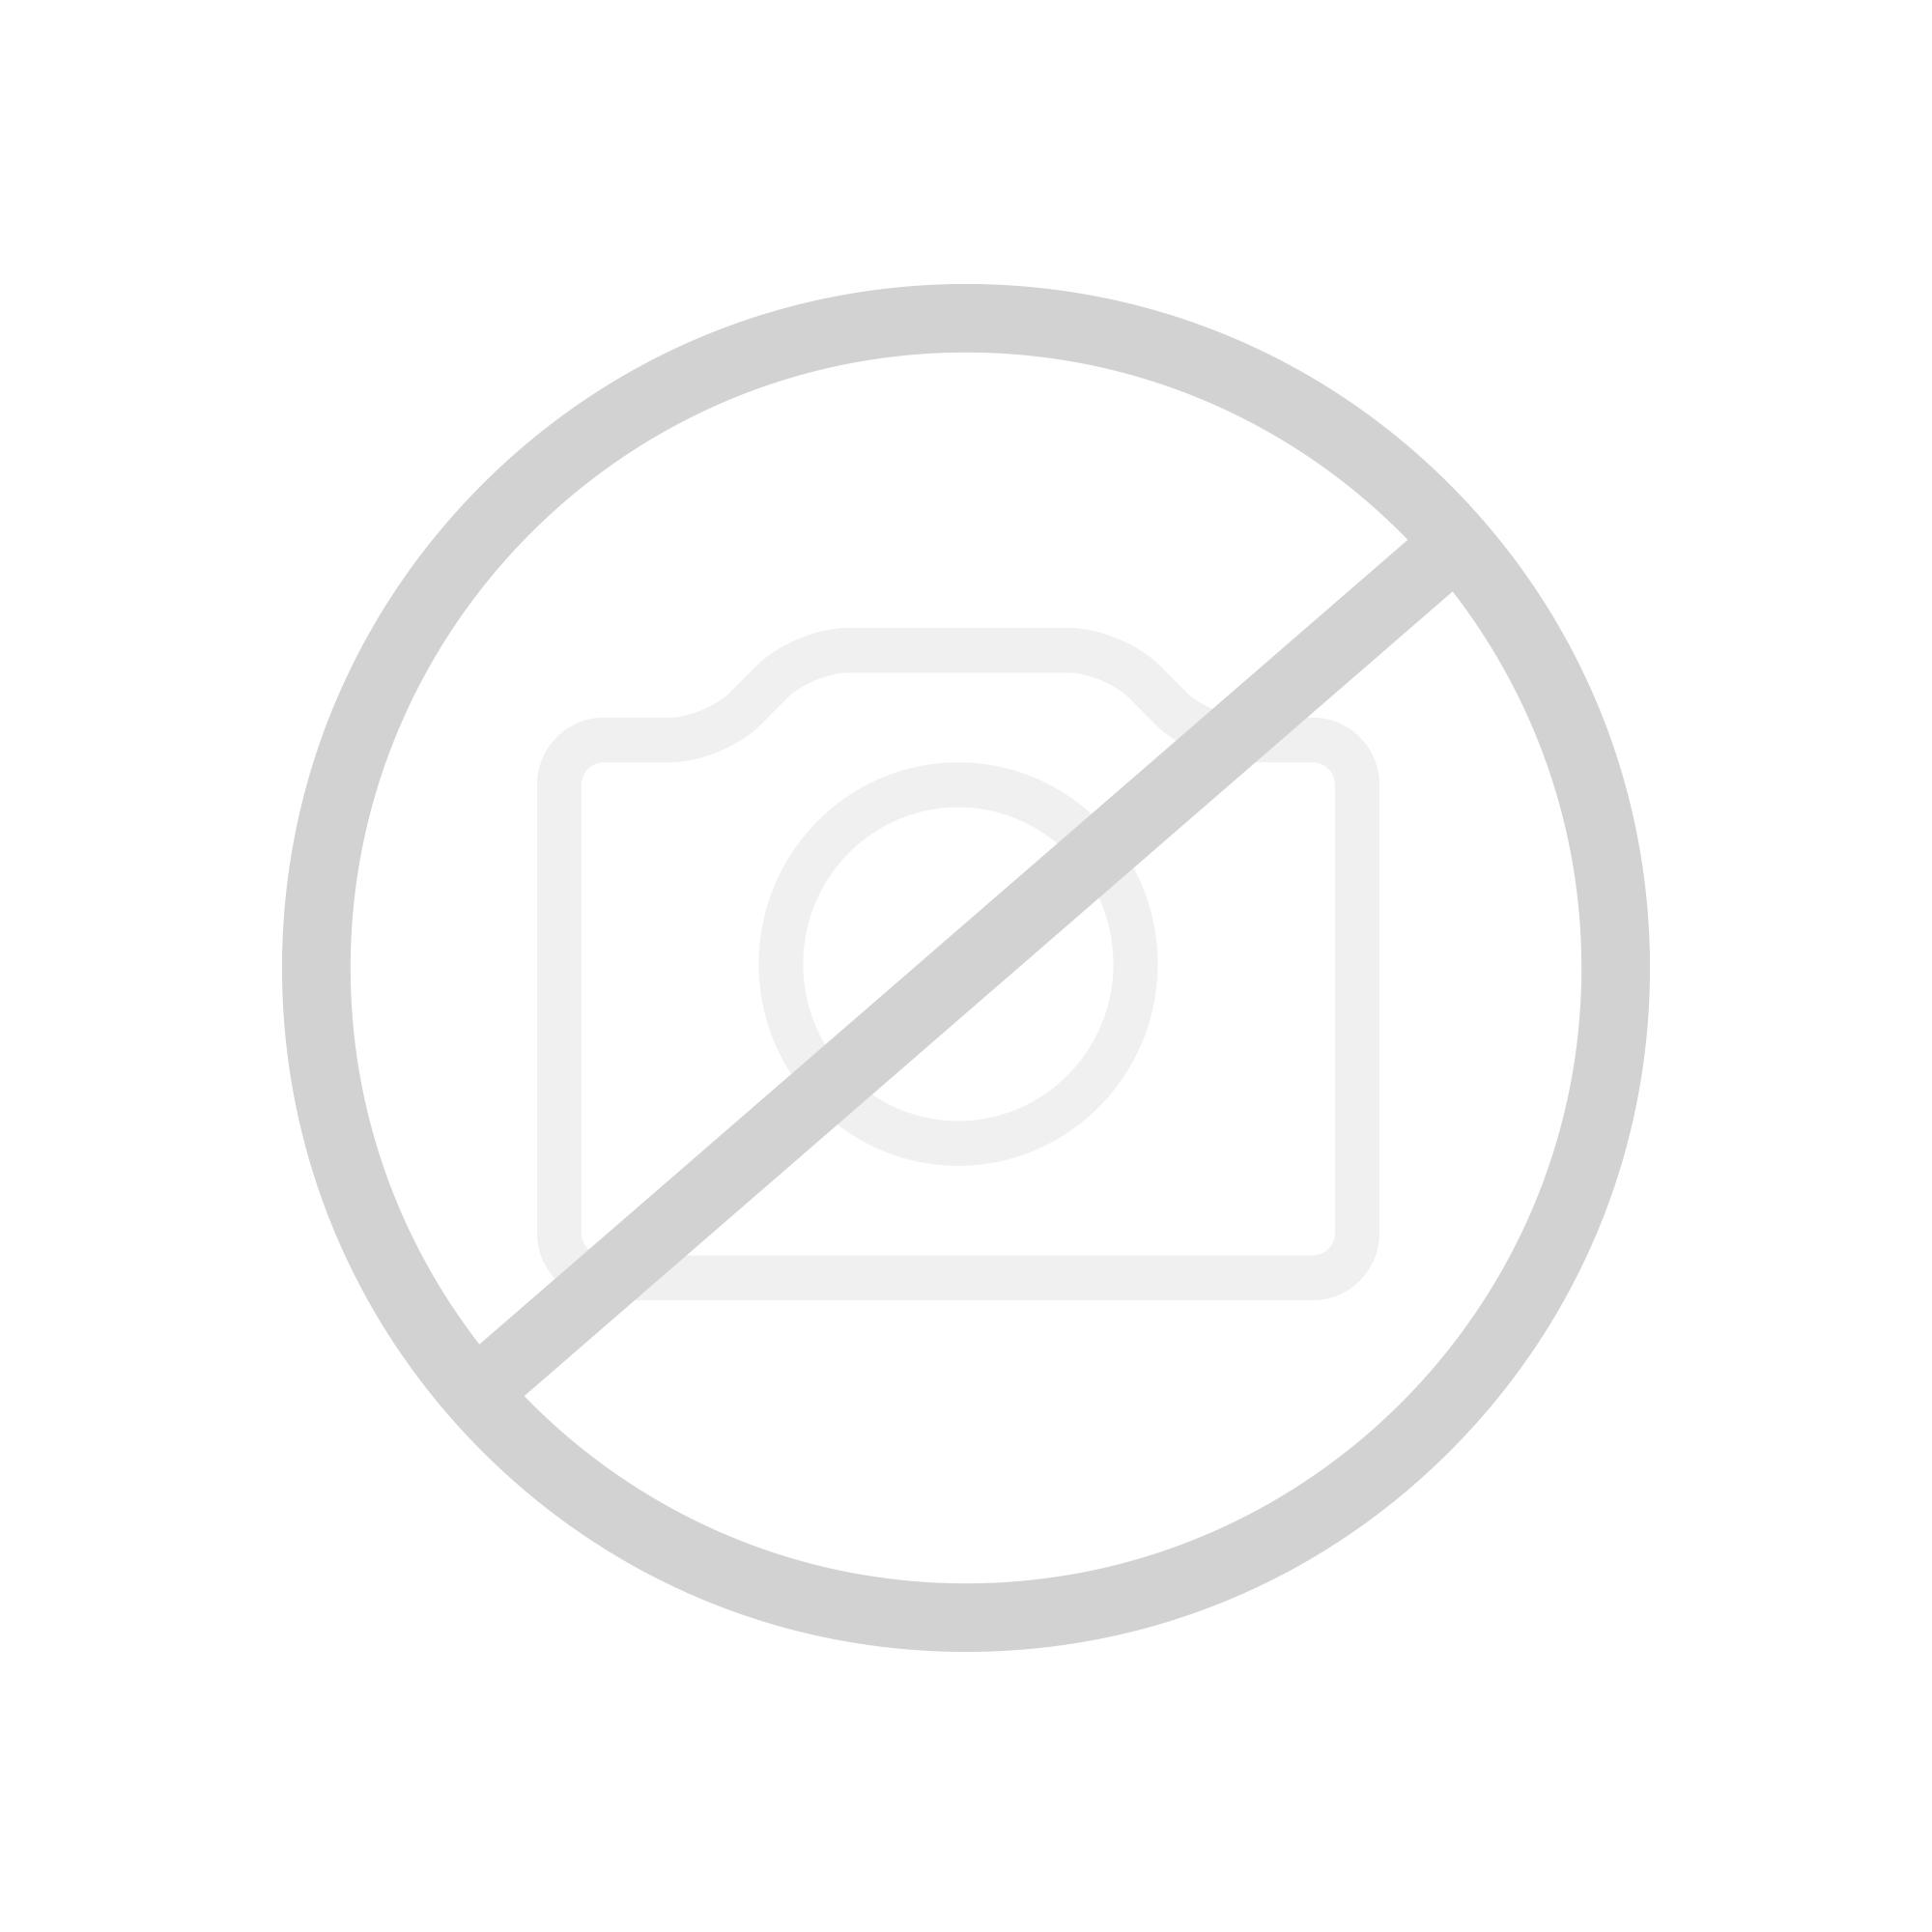 keuco edition 11 unterputz einhebel wannen und brausemischer 51172010182 reuter onlineshop. Black Bedroom Furniture Sets. Home Design Ideas